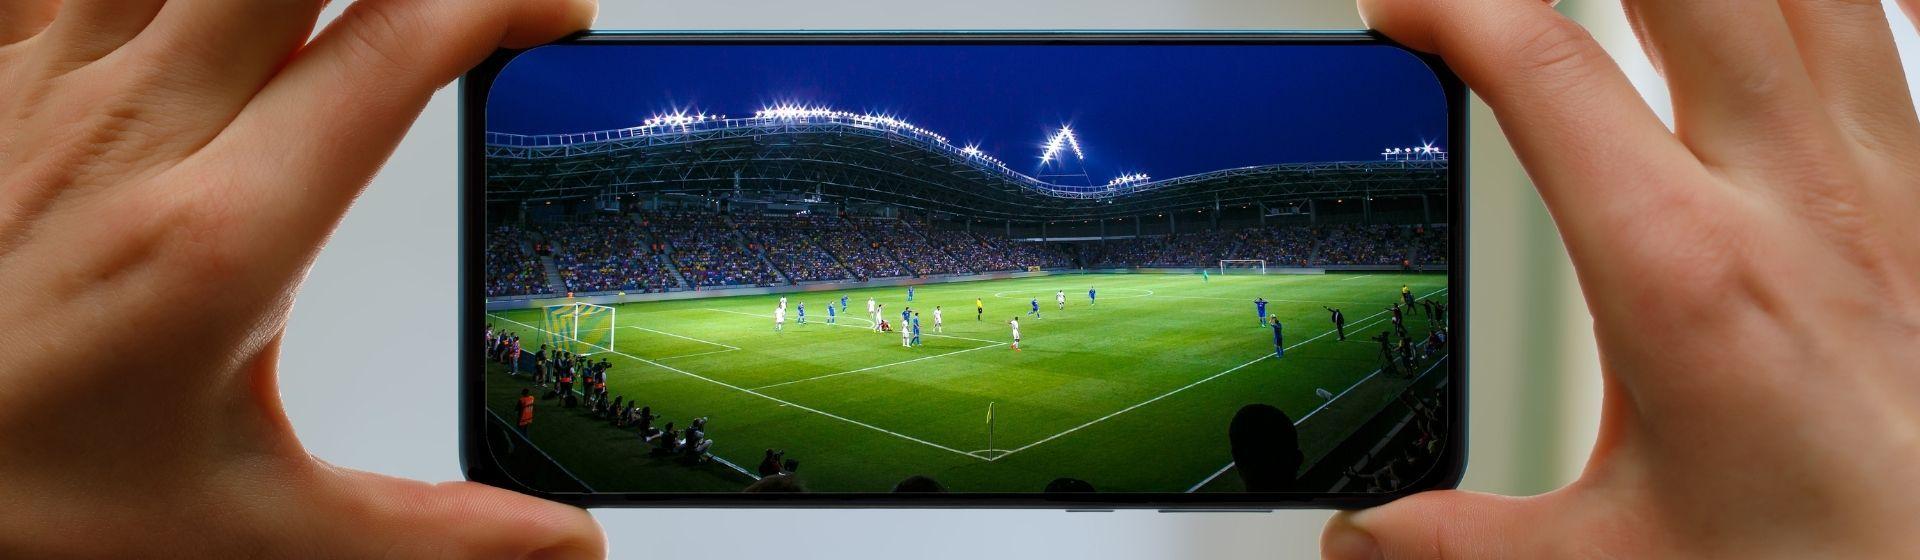 Futebol ao vivo no celular: apps para assistir jogos